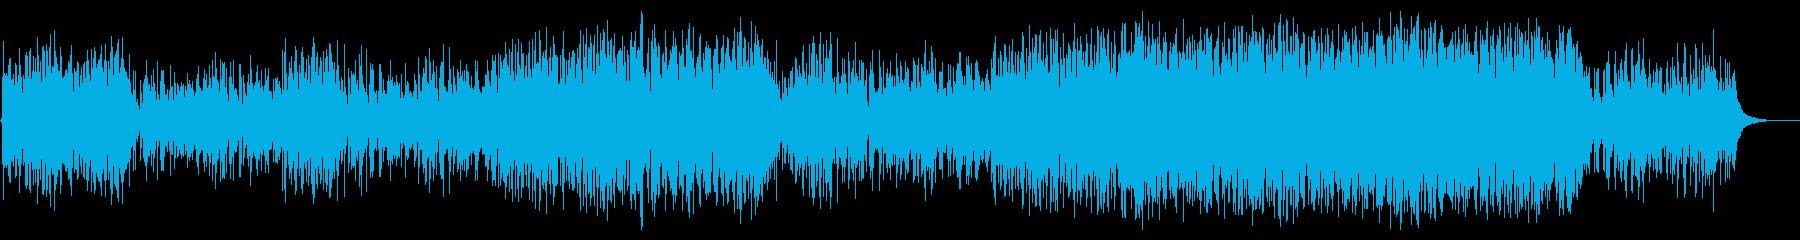 さわやかかつドラマチックな高音ソロギターの再生済みの波形